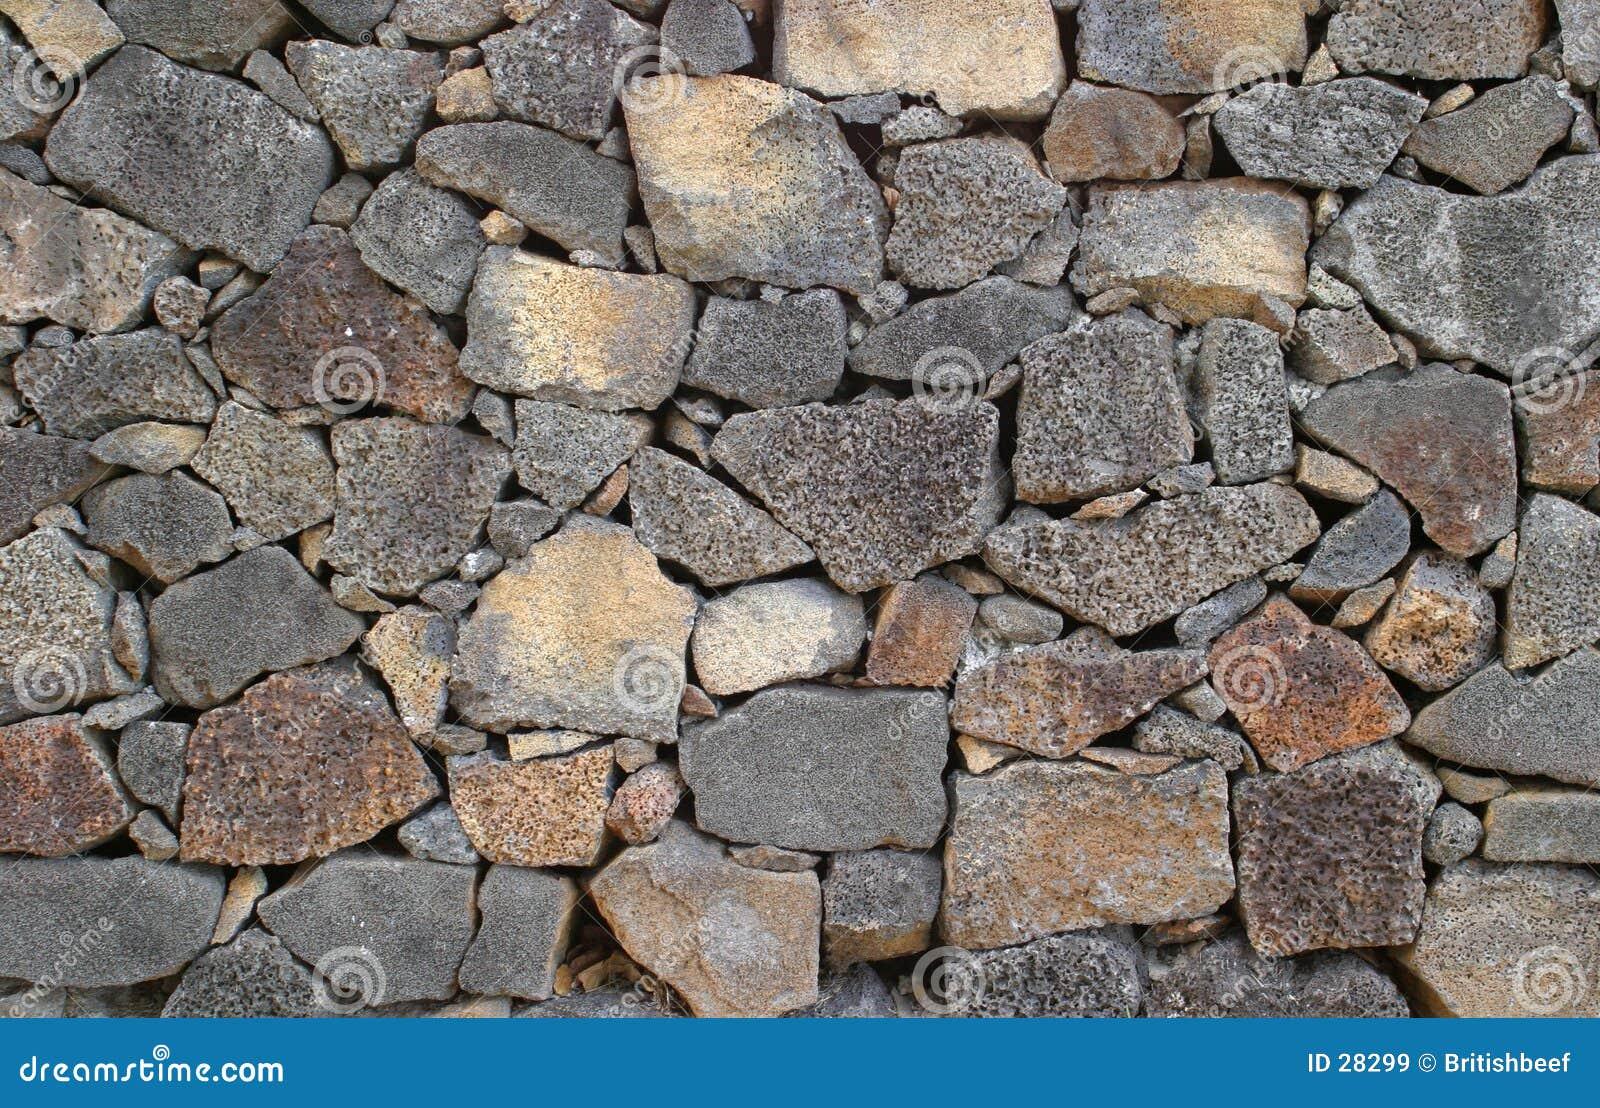 Wand des vulkanischen Felsens